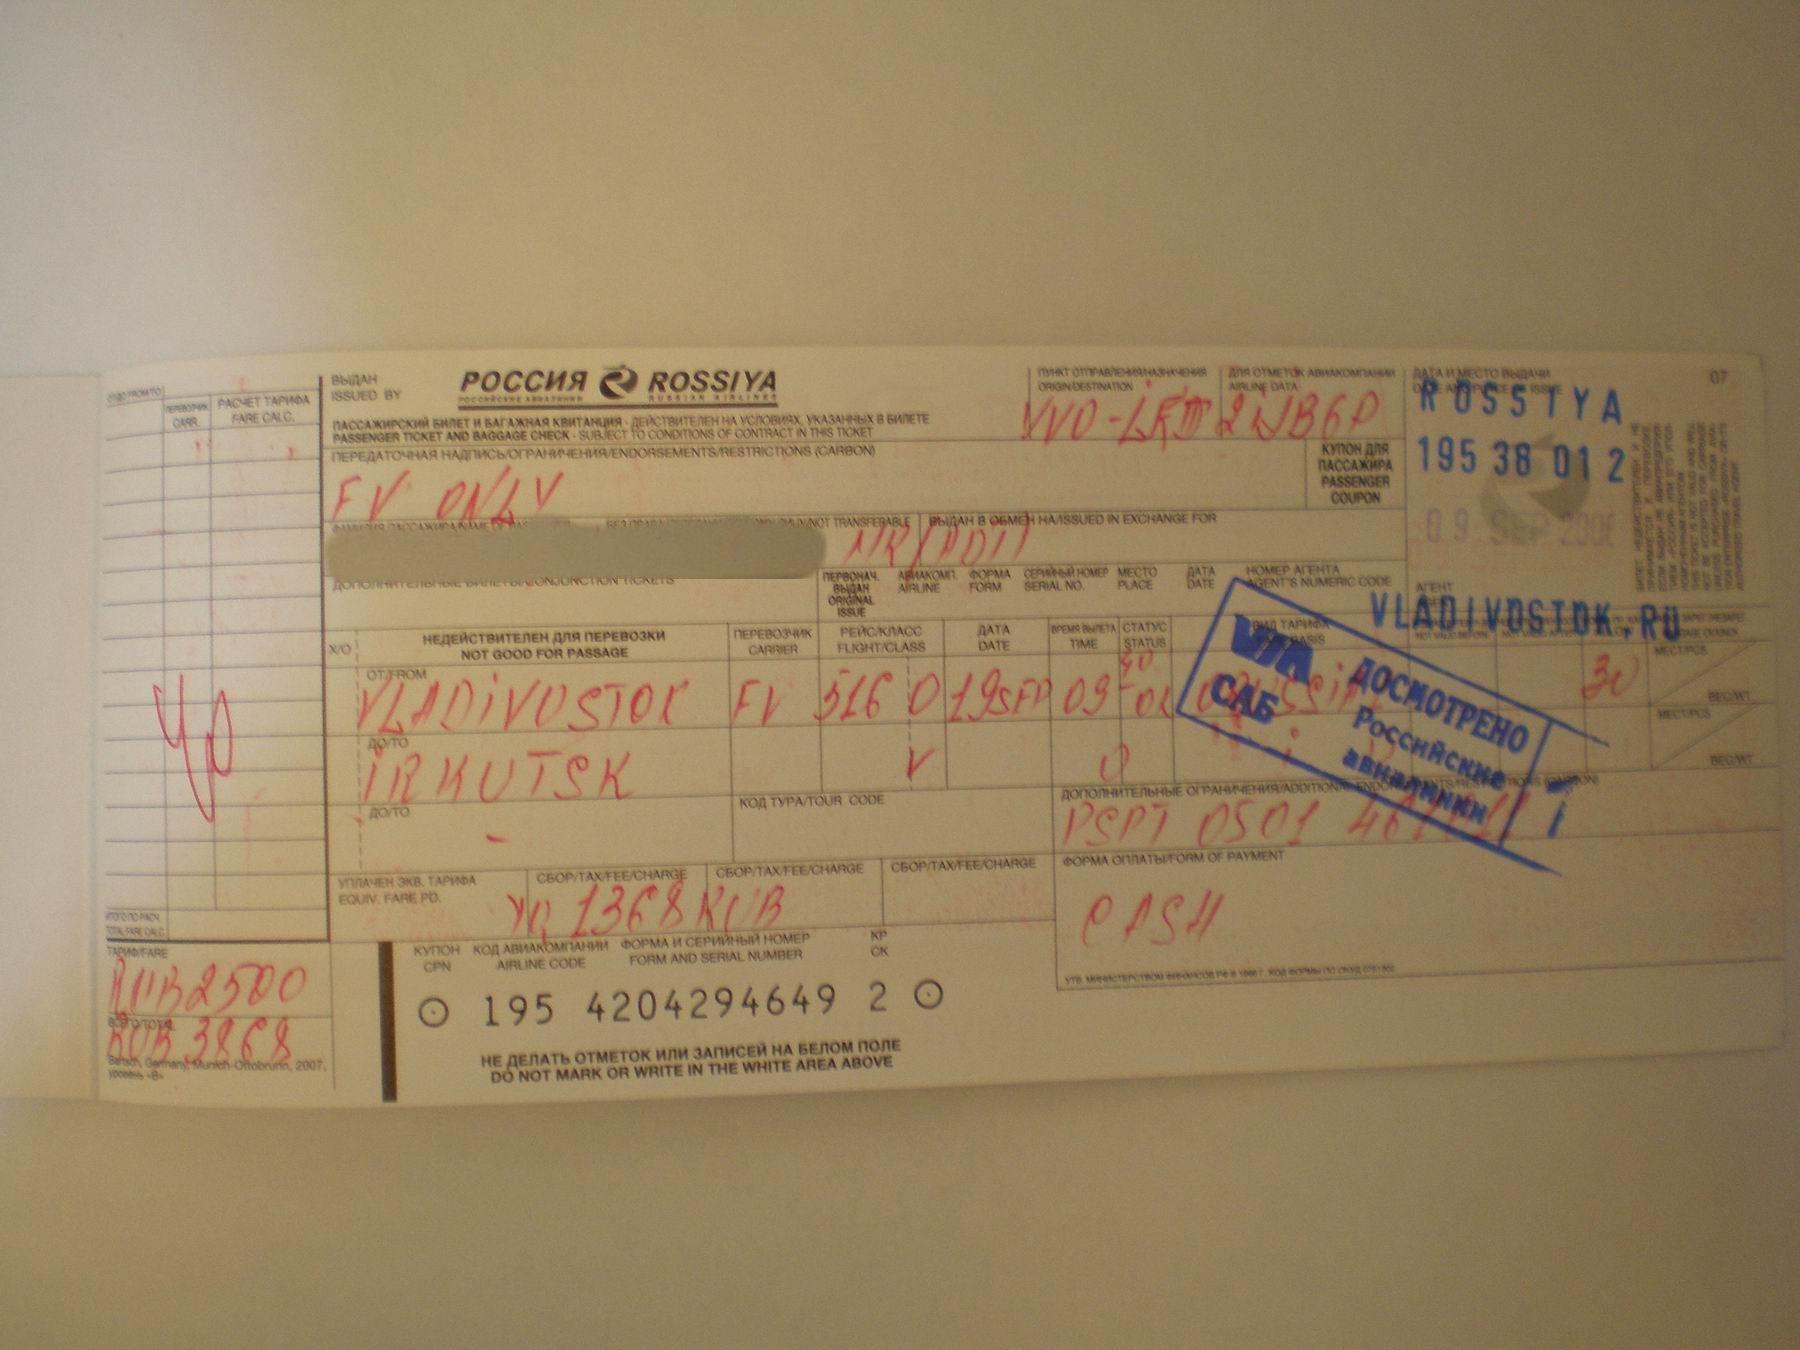 Иркутск билет2.JPG